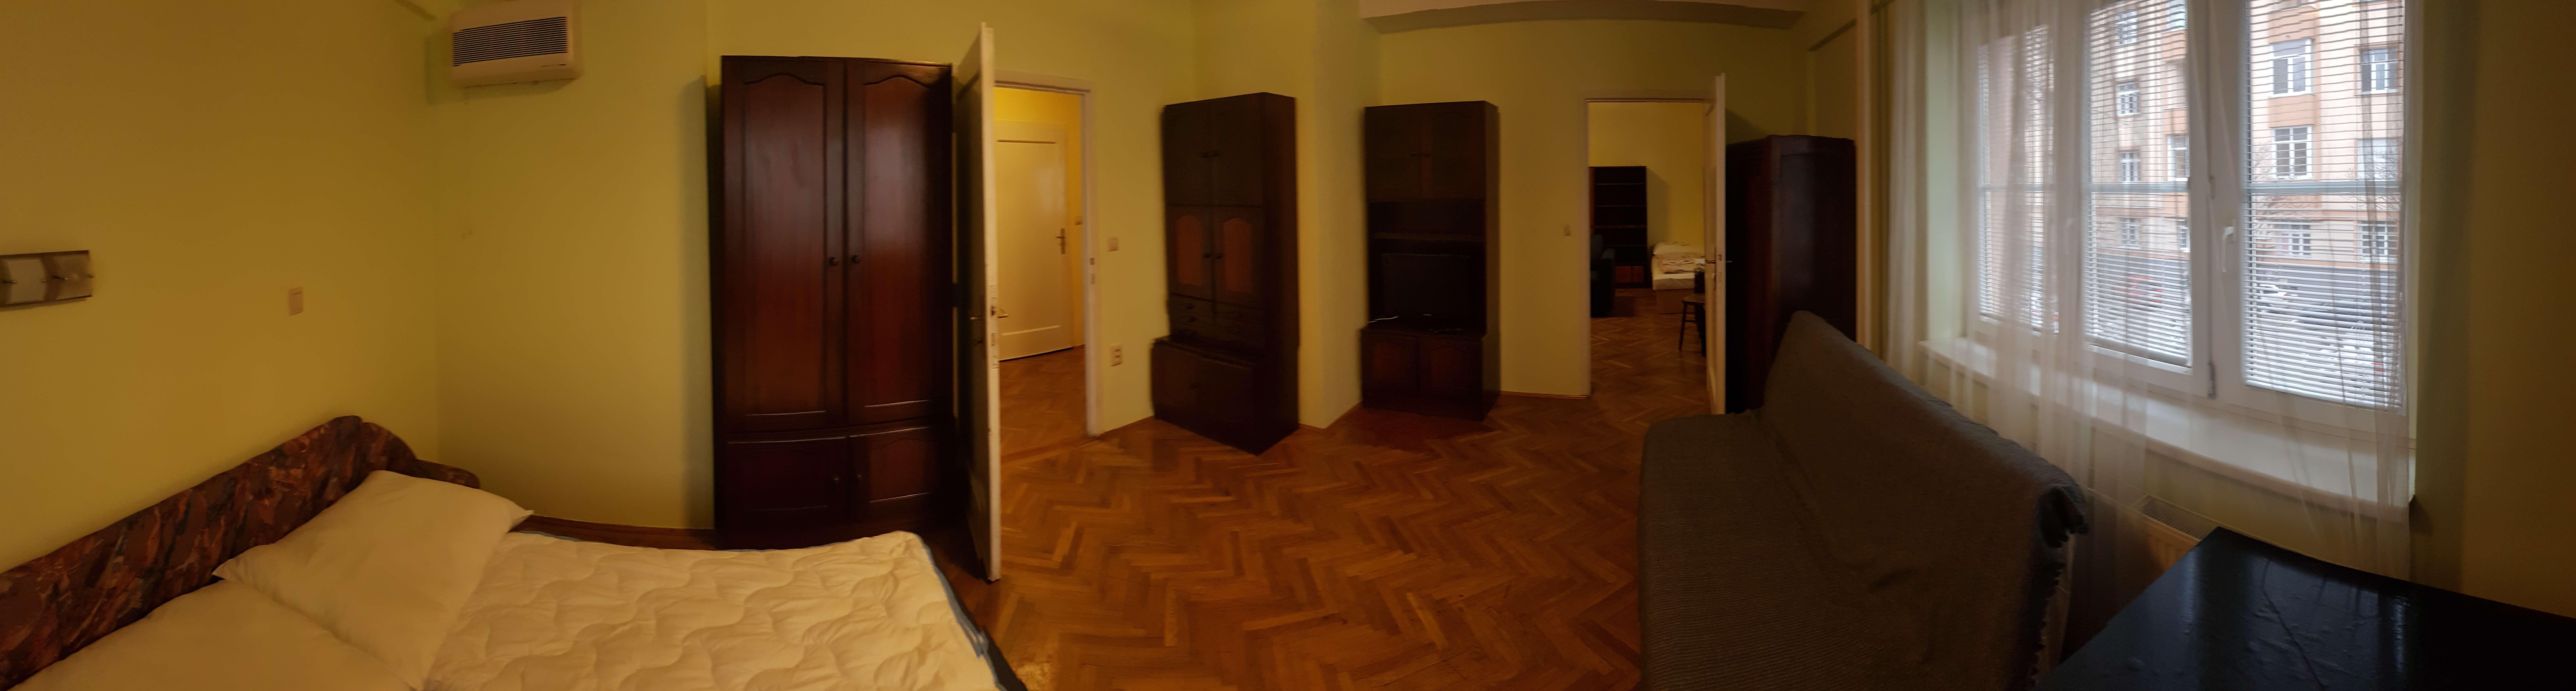 Prenájom jednej izby v 2 izb. byte, staré mesto, Šancová ulica, Bratislava, 80m2, zariadený-22